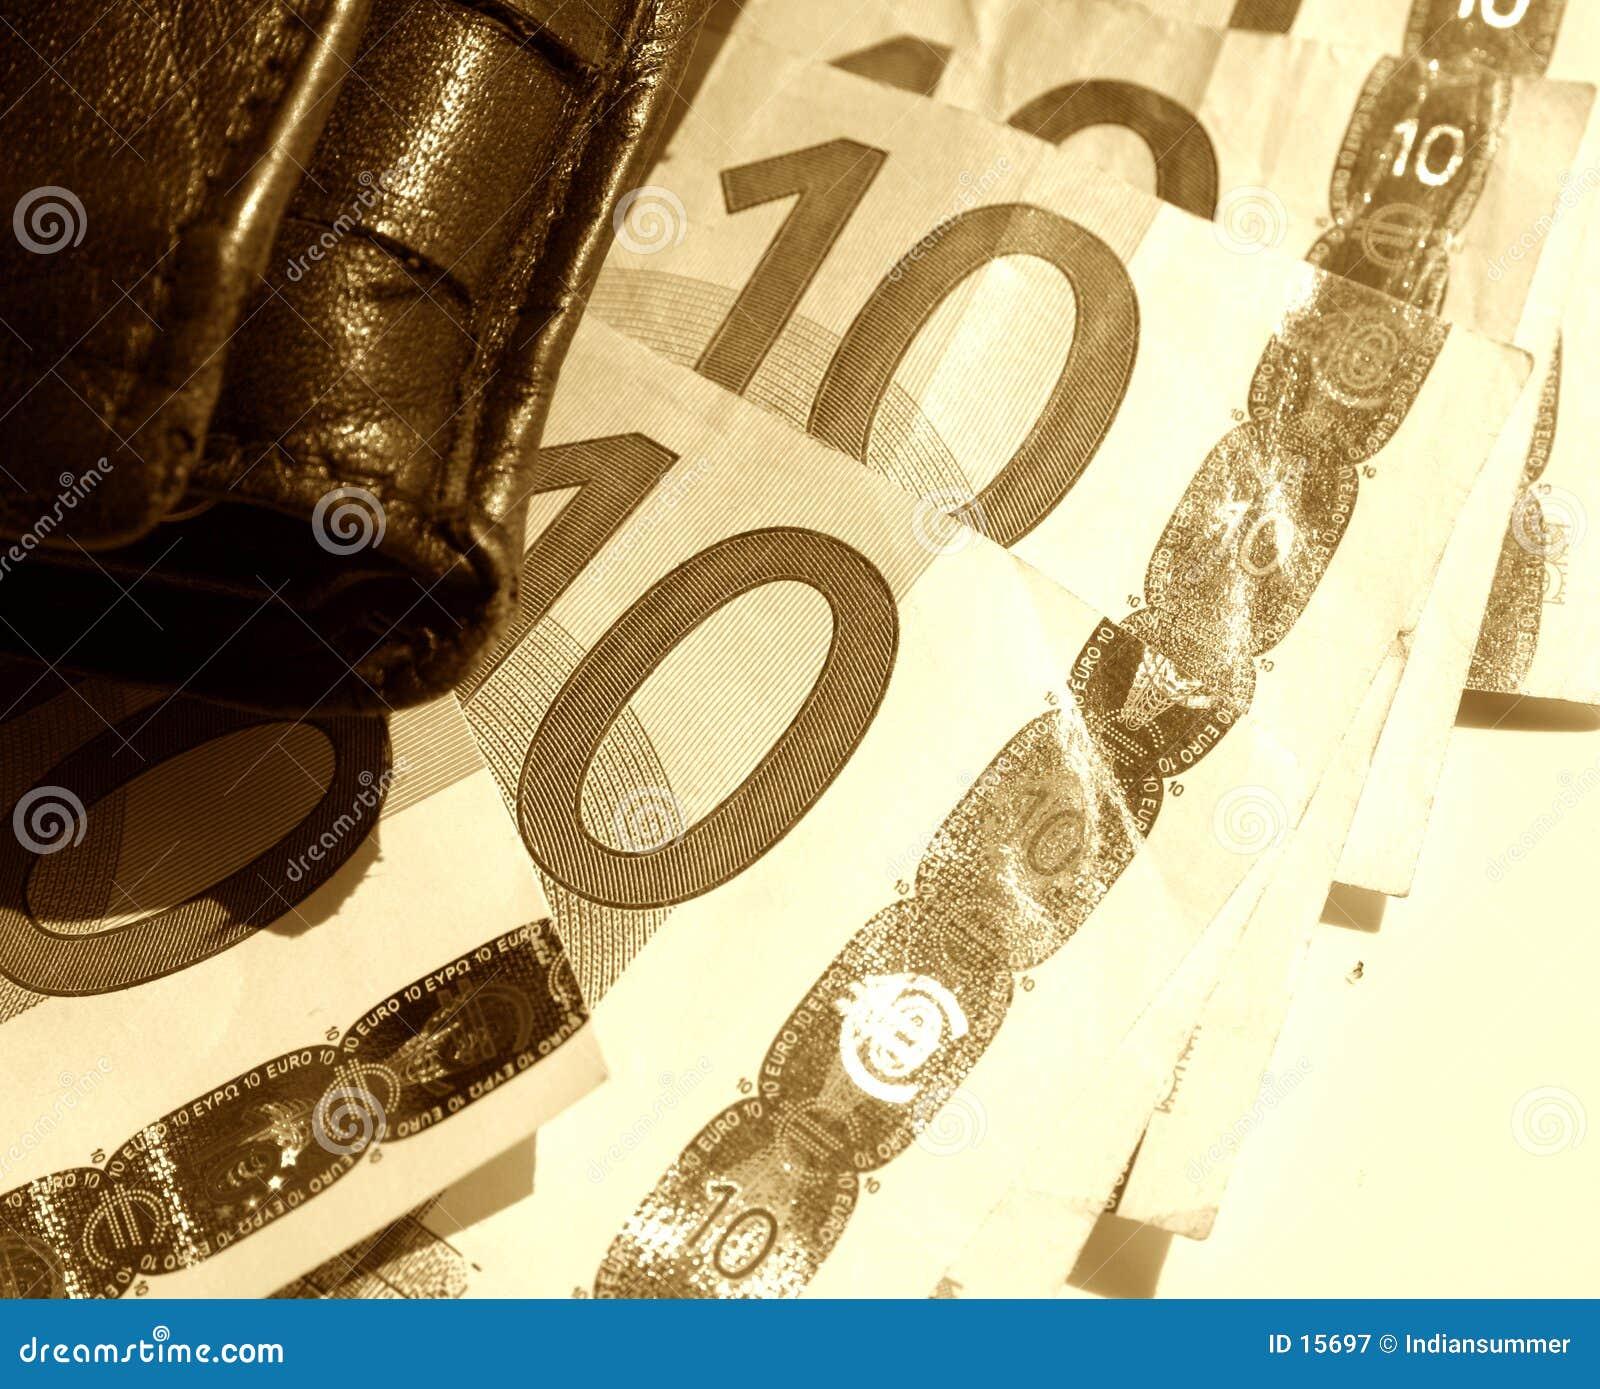 Skizze mit Mappe und Euro